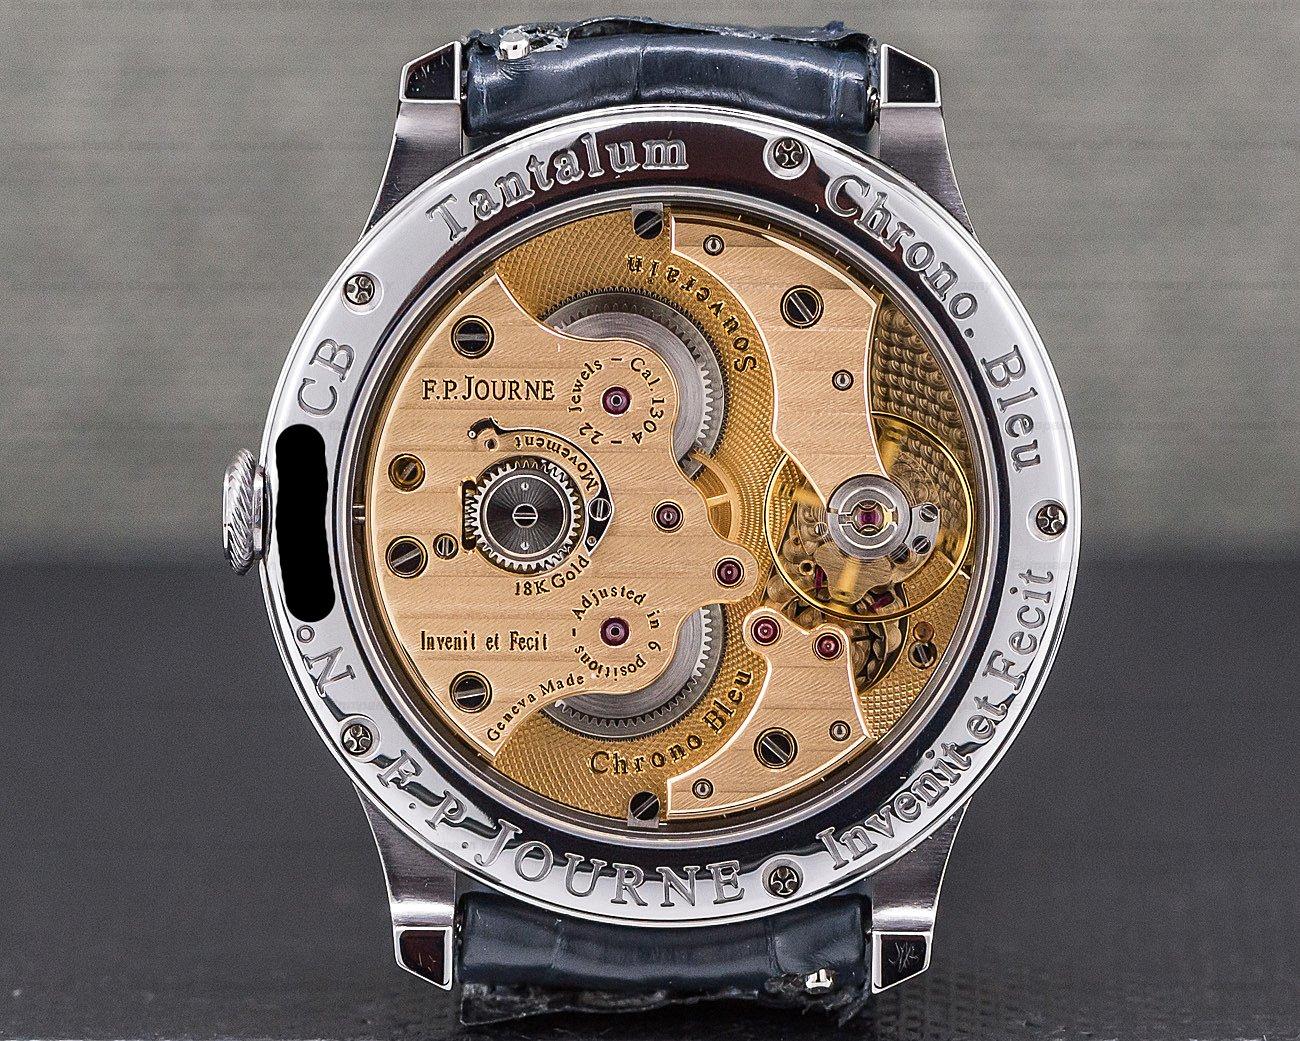 F. P. Journe Chronometre Bleu Chronometre Bleu Tantalum Blue Dial